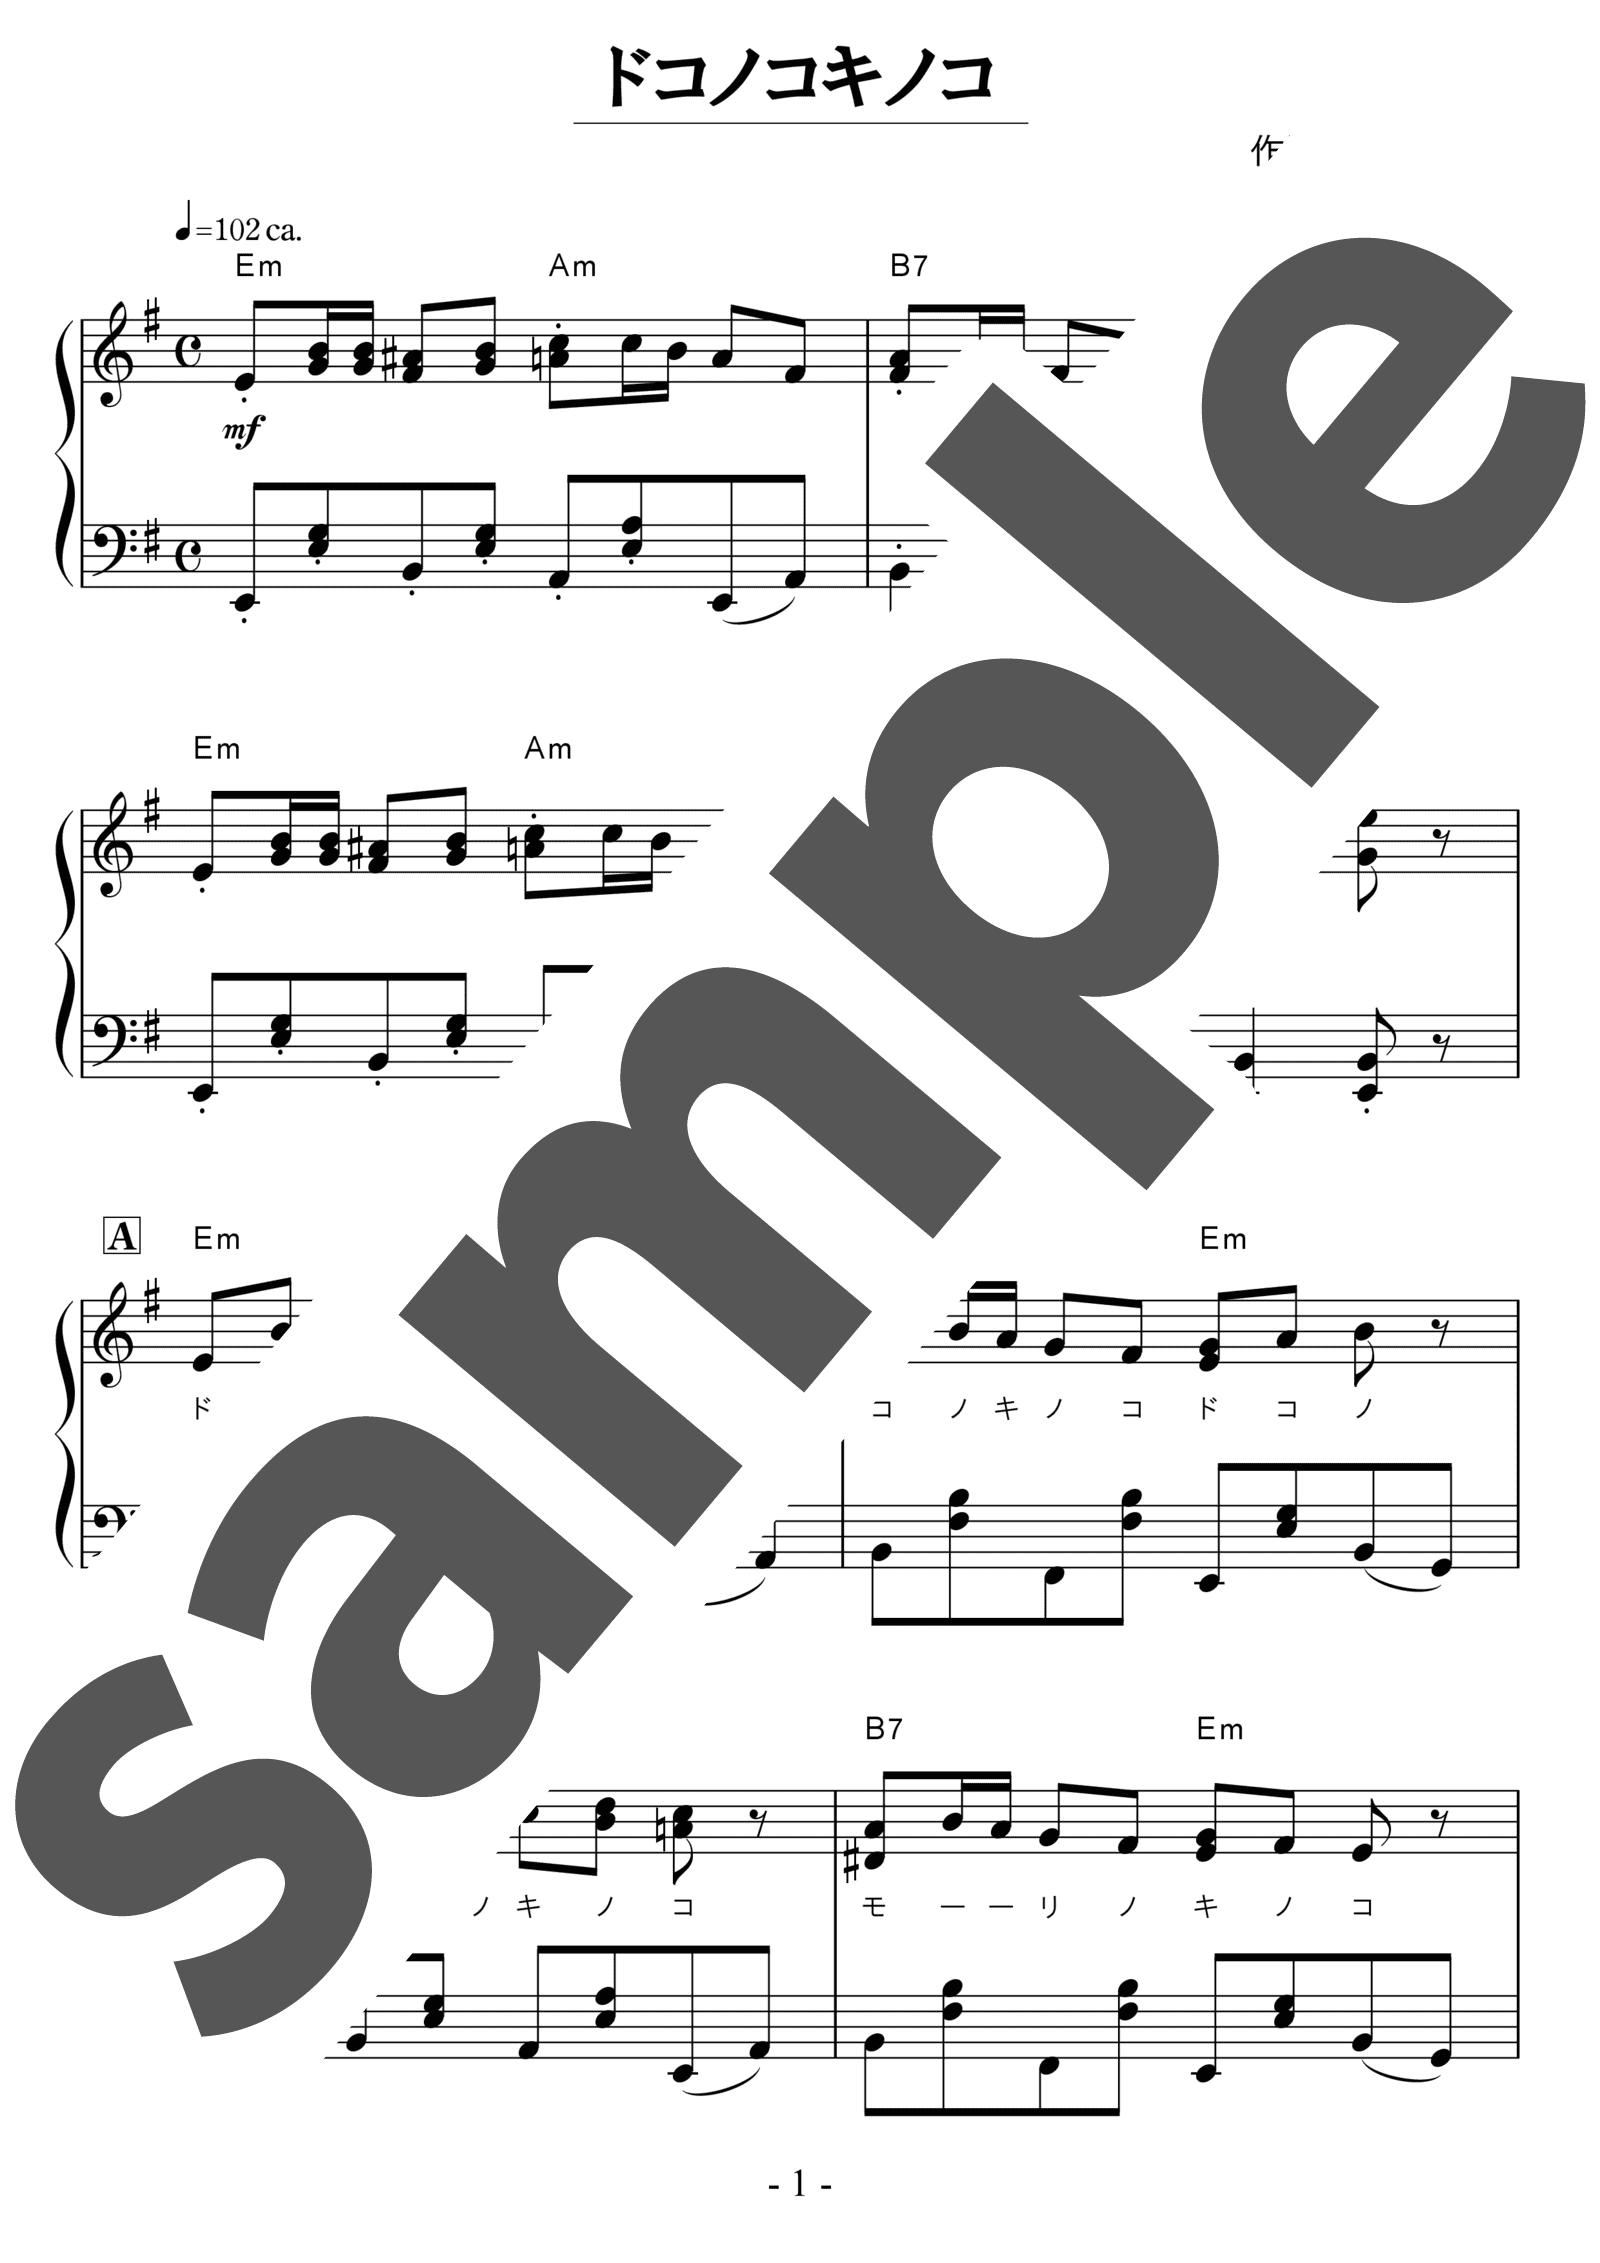 「ドコノコノキノコ」のサンプル楽譜